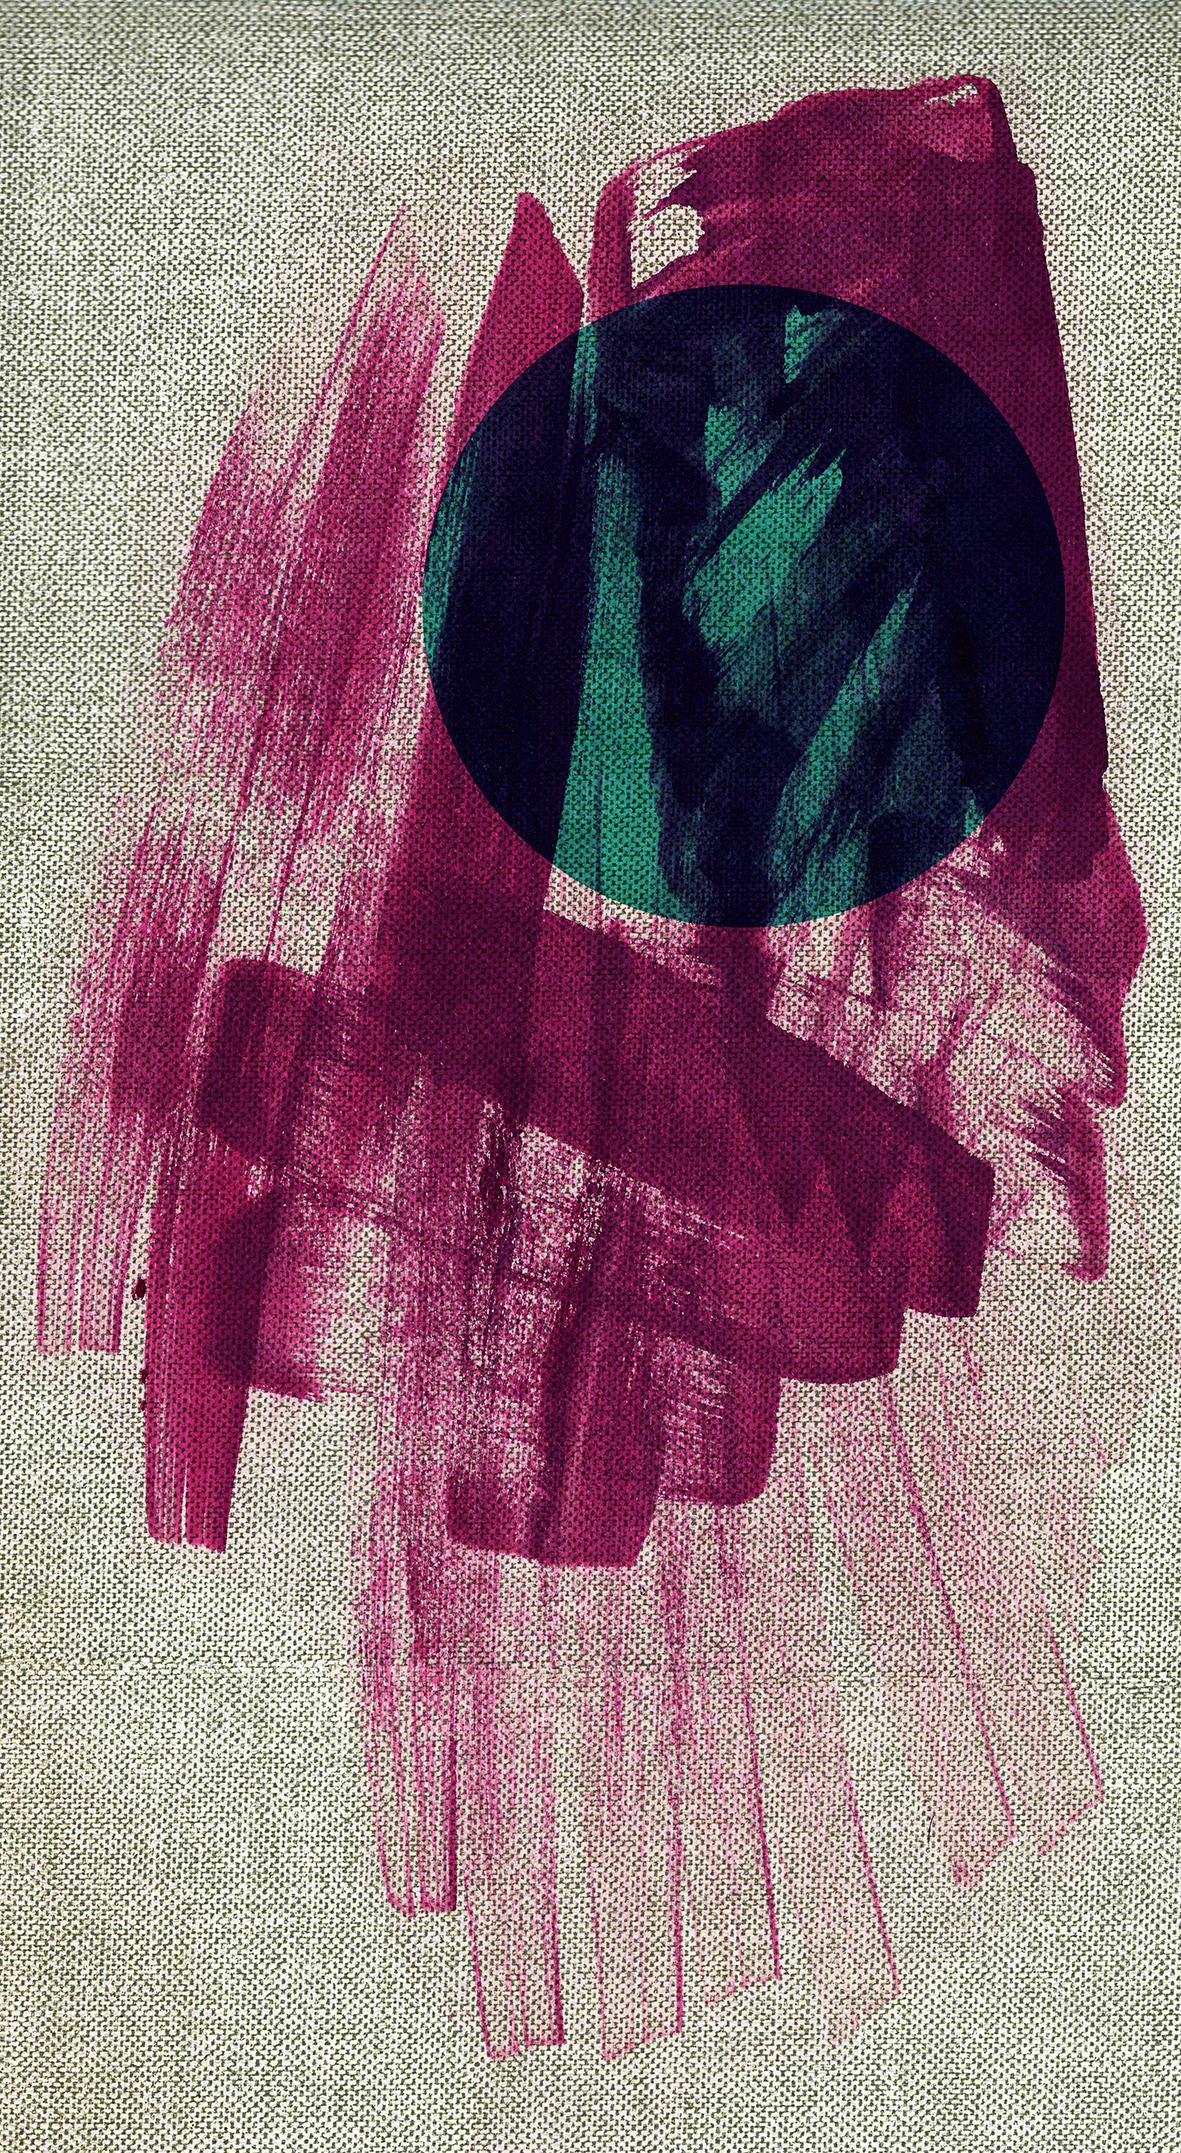 ink brush circle